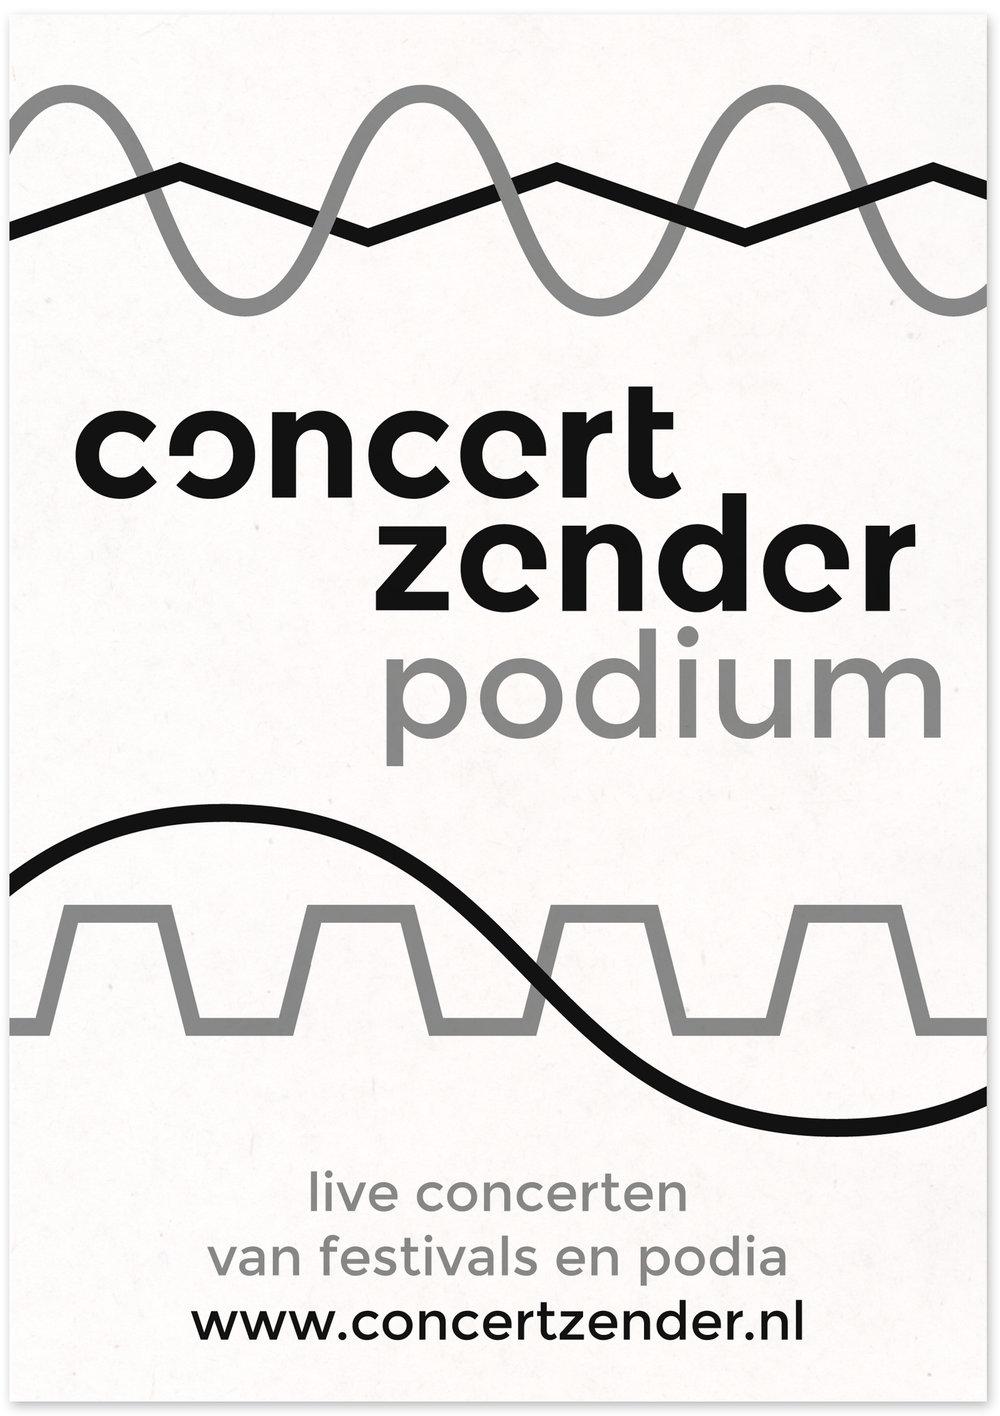 studio_colorado-concertzender_flyer-1